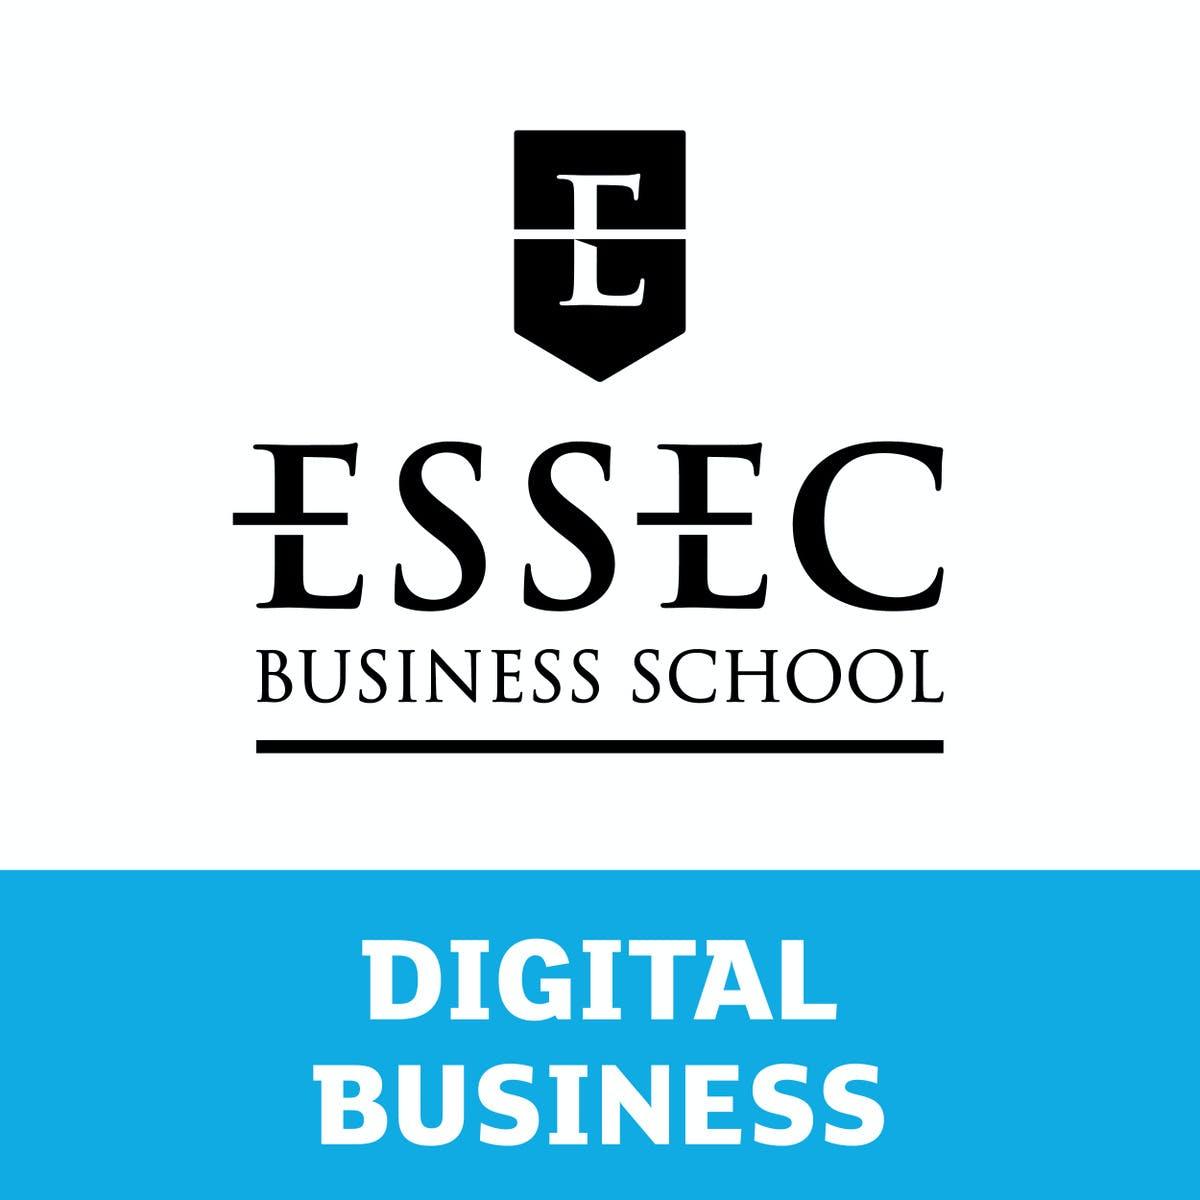 Vignette digital business